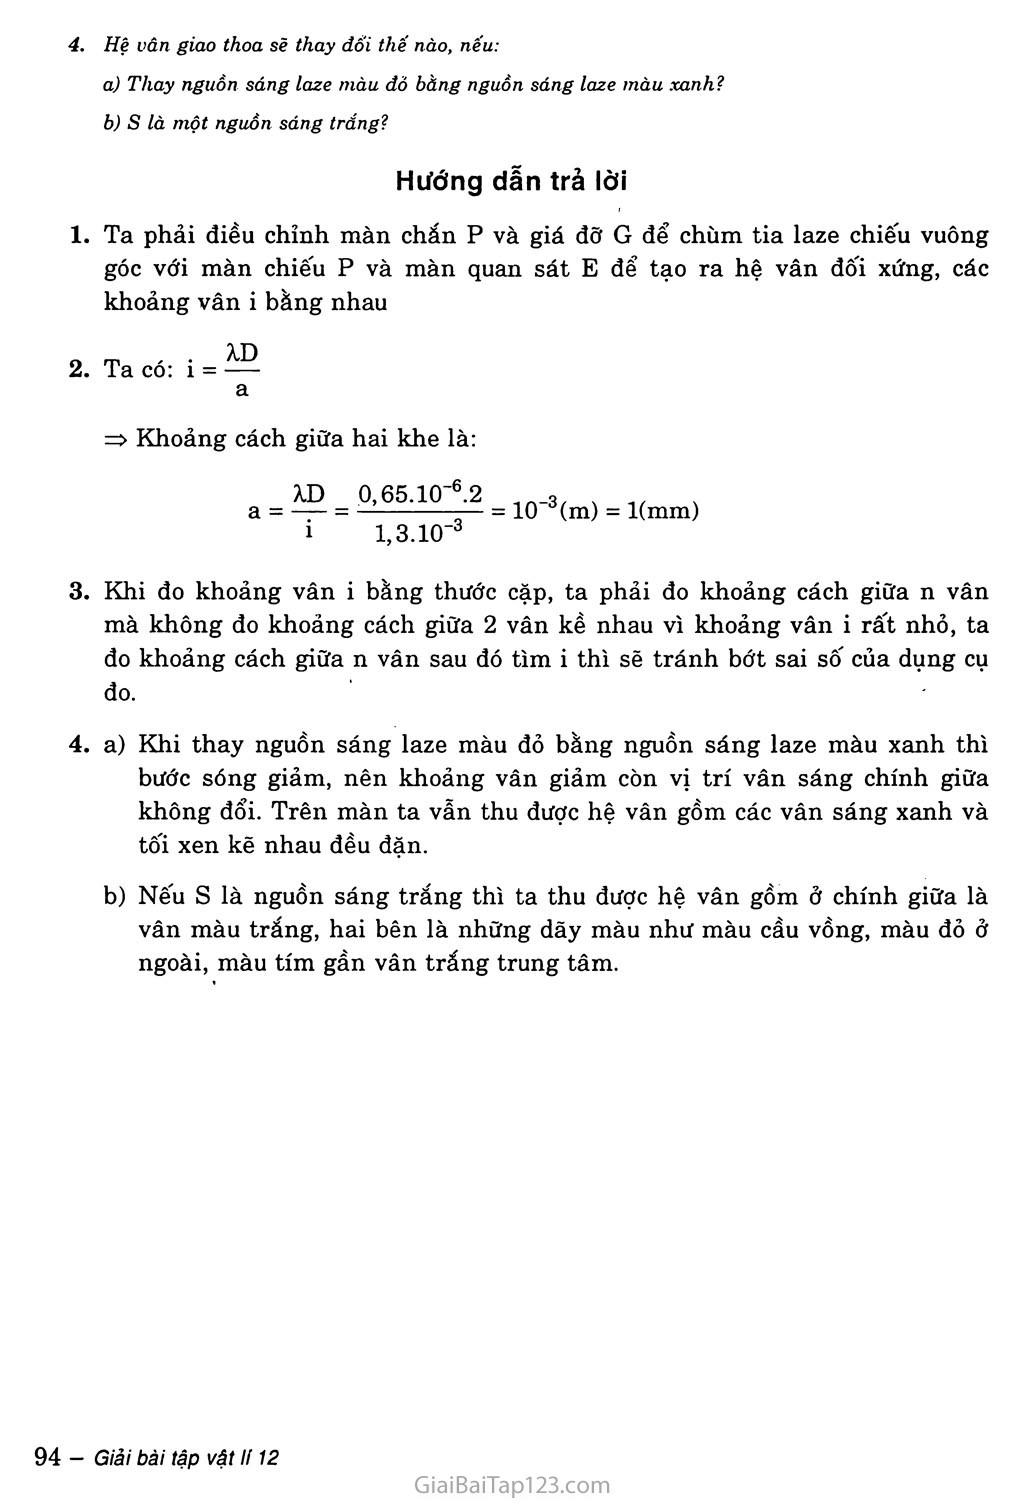 Bài 29: Thực hành: Đo bước sóng sóng ánh sáng bằng phương pháp giao thoa trang 2